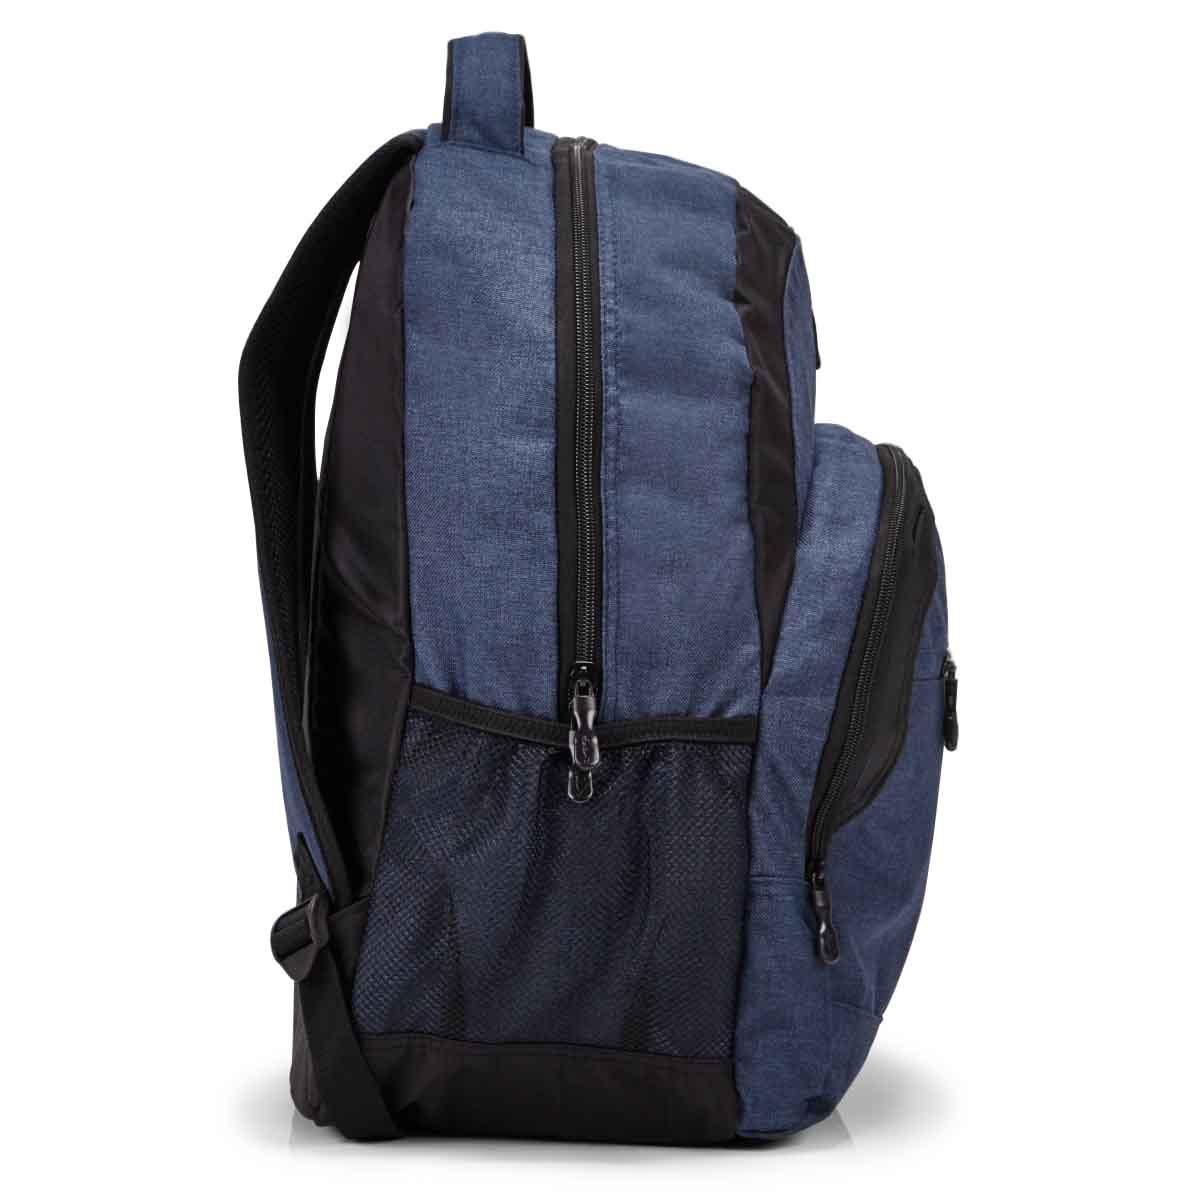 Roots73 denim large backpack